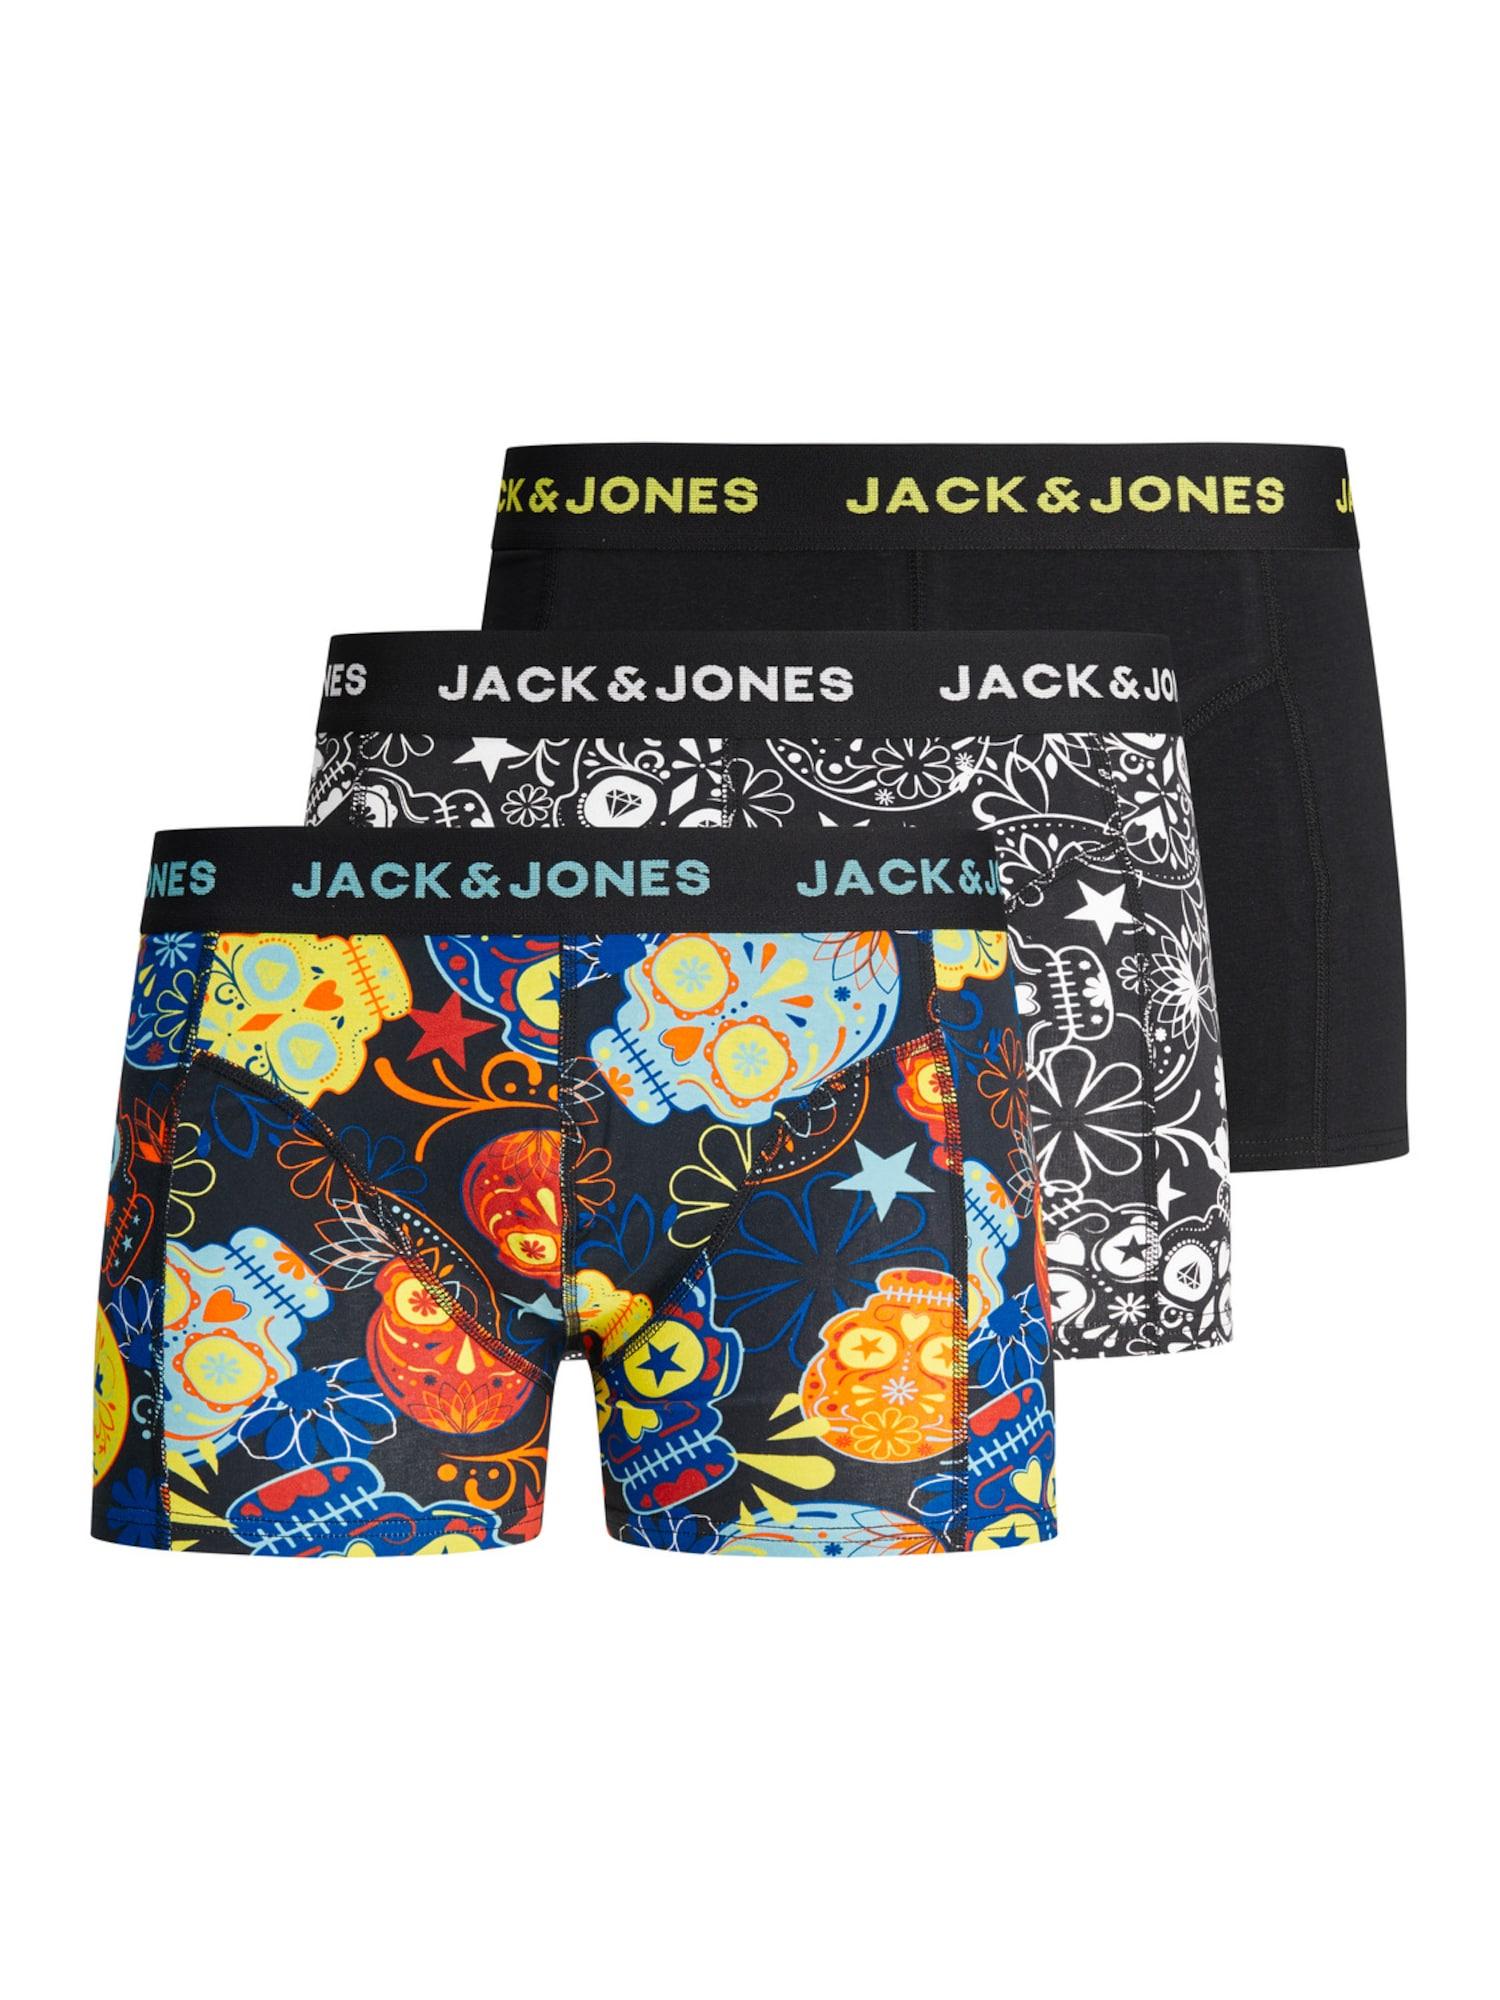 Jack & Jones Junior Apatinės kelnaitės 'Sugar' juoda / balta / nakties mėlyna / mišrios spalvos